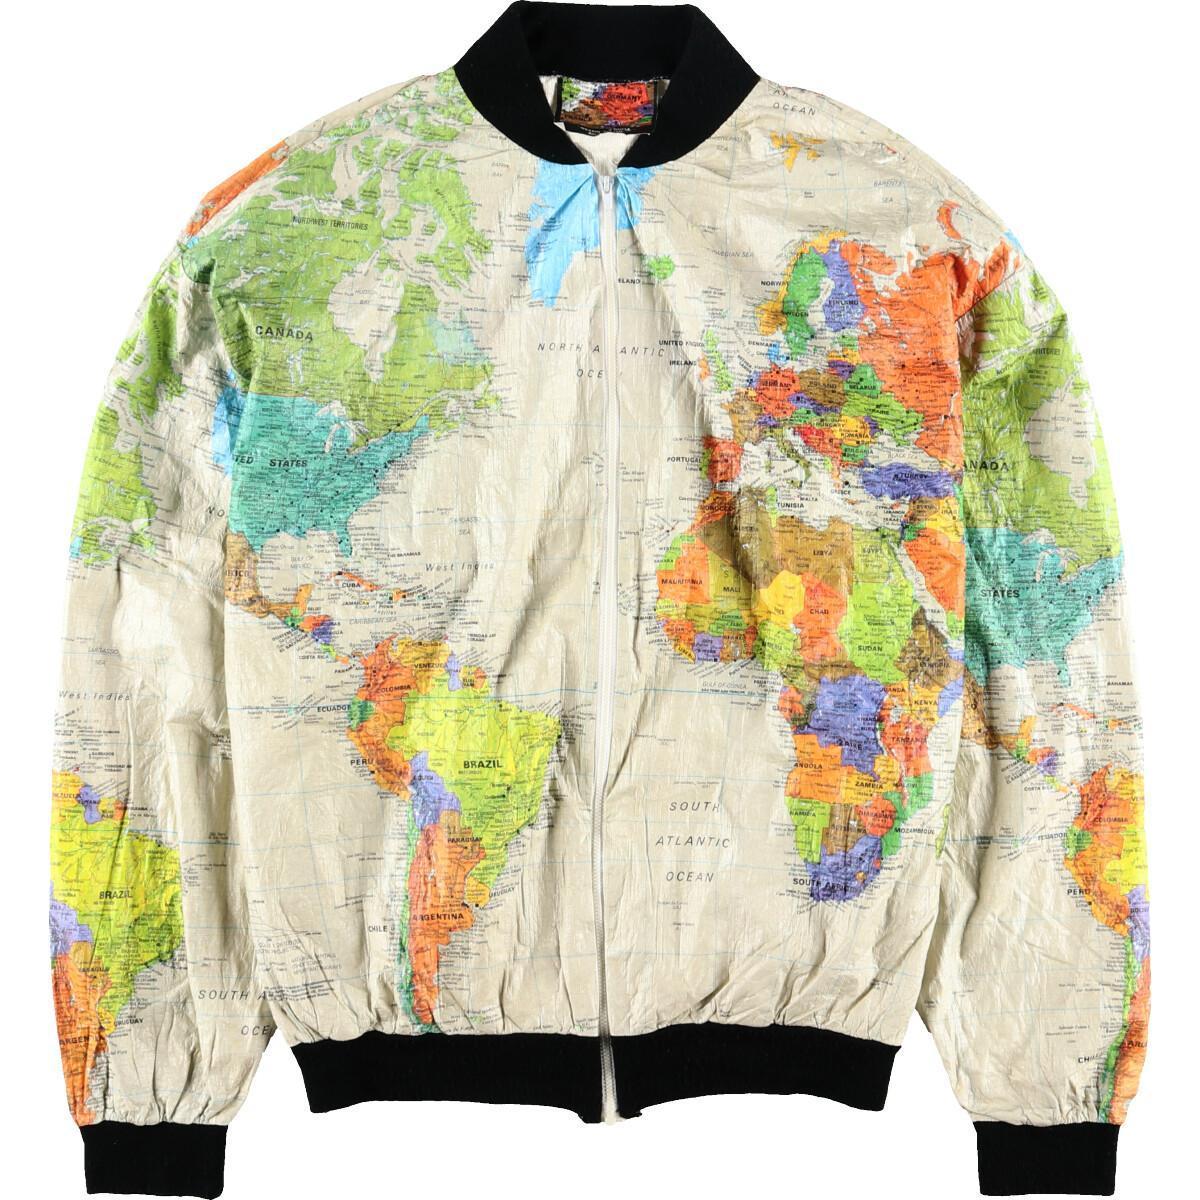 90年代 WEARIN' THE WORLD 地図柄 ペーパージャケット メンズXL /eaa002827 【中古】 【200203】